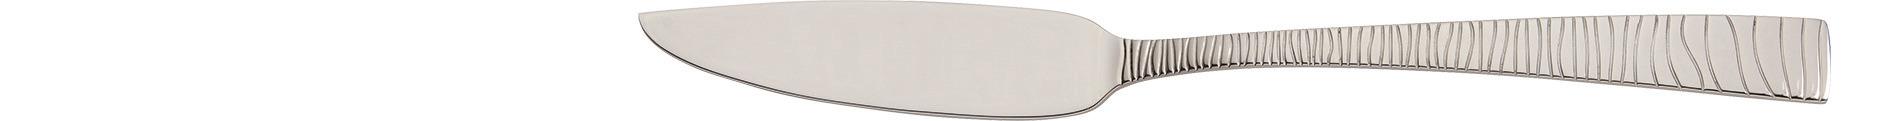 Fischmesser 208 mm